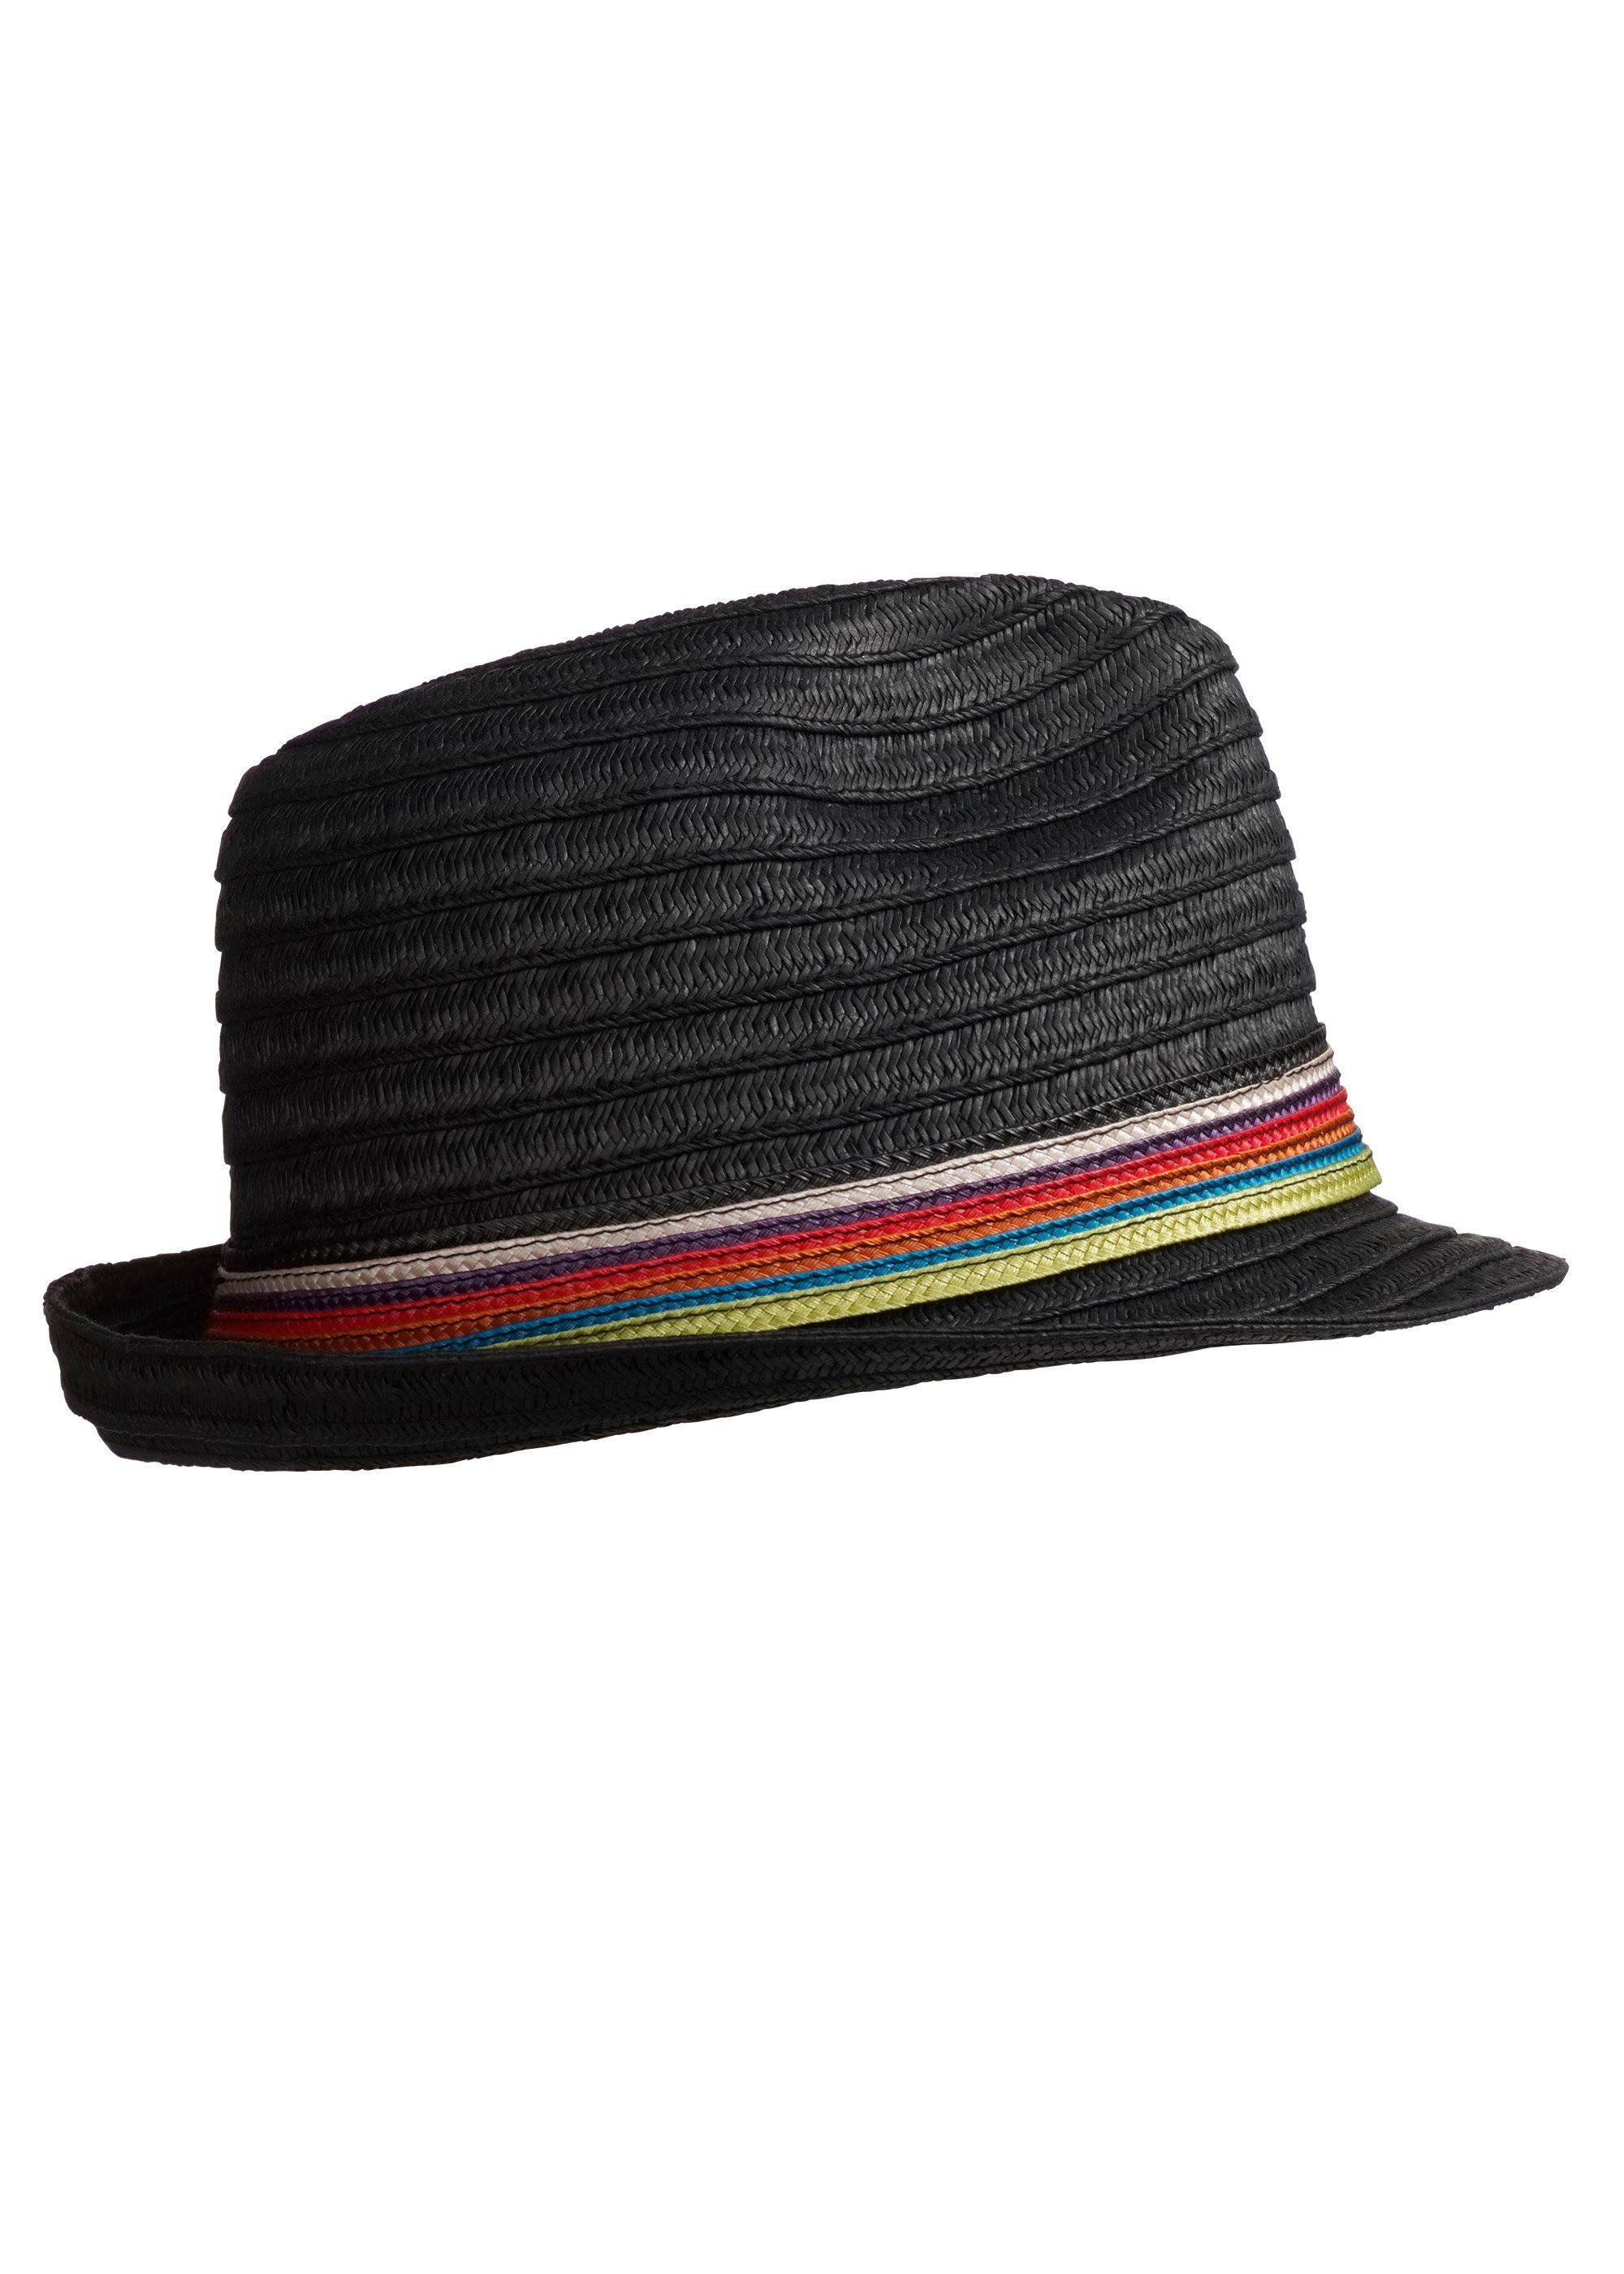 STÖHR Strohhut mit Streifen | Accessoires > Hüte > Strohhüte | Bunt | Stoehr